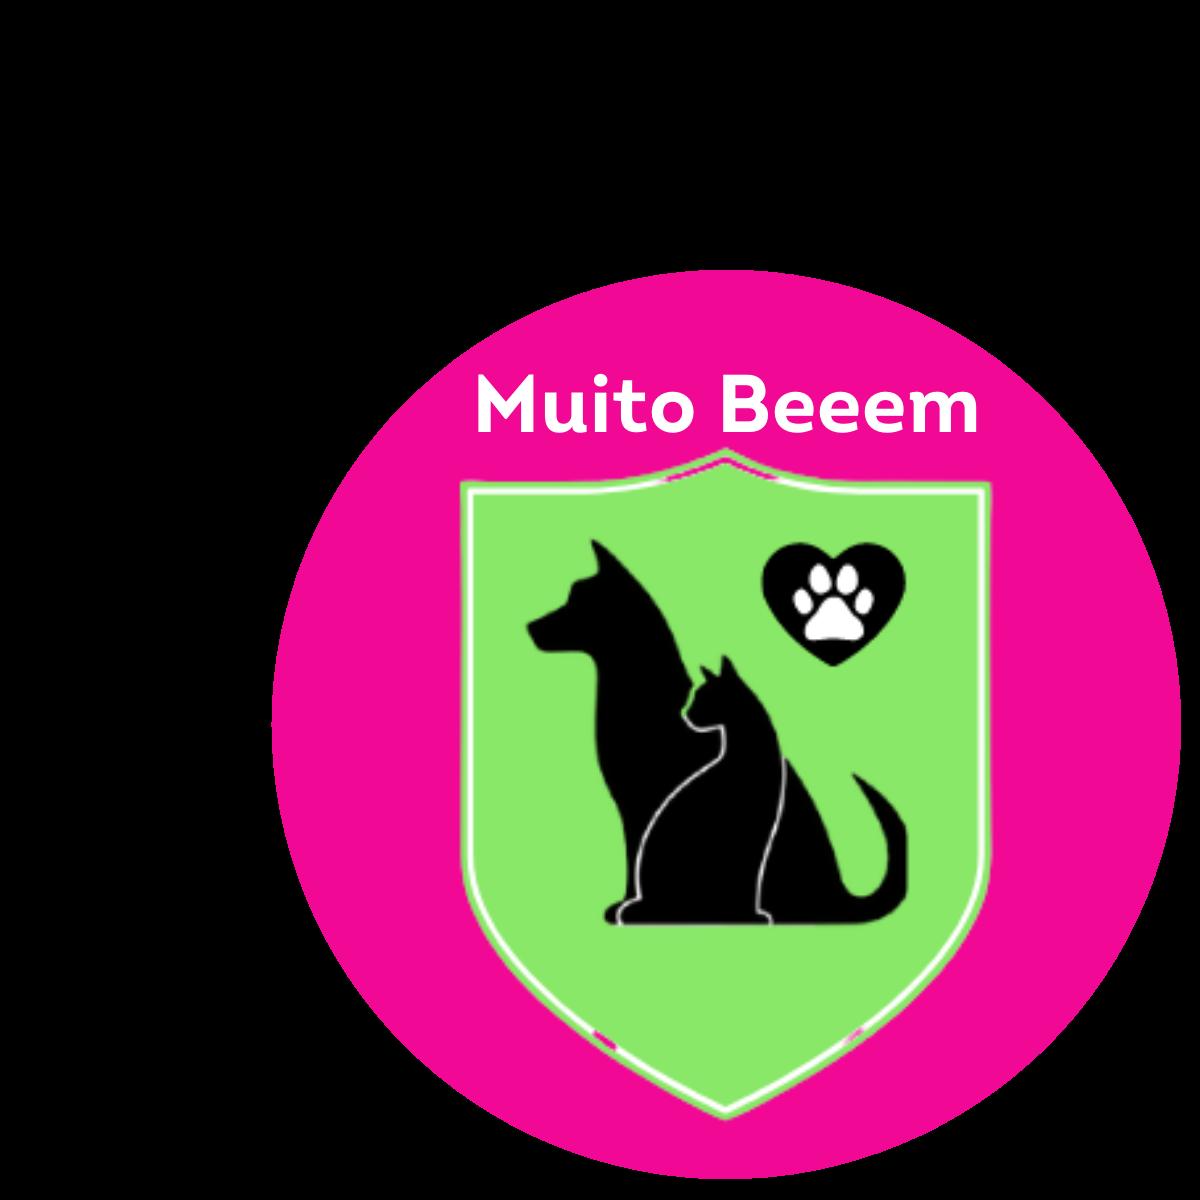 Muito Beeem